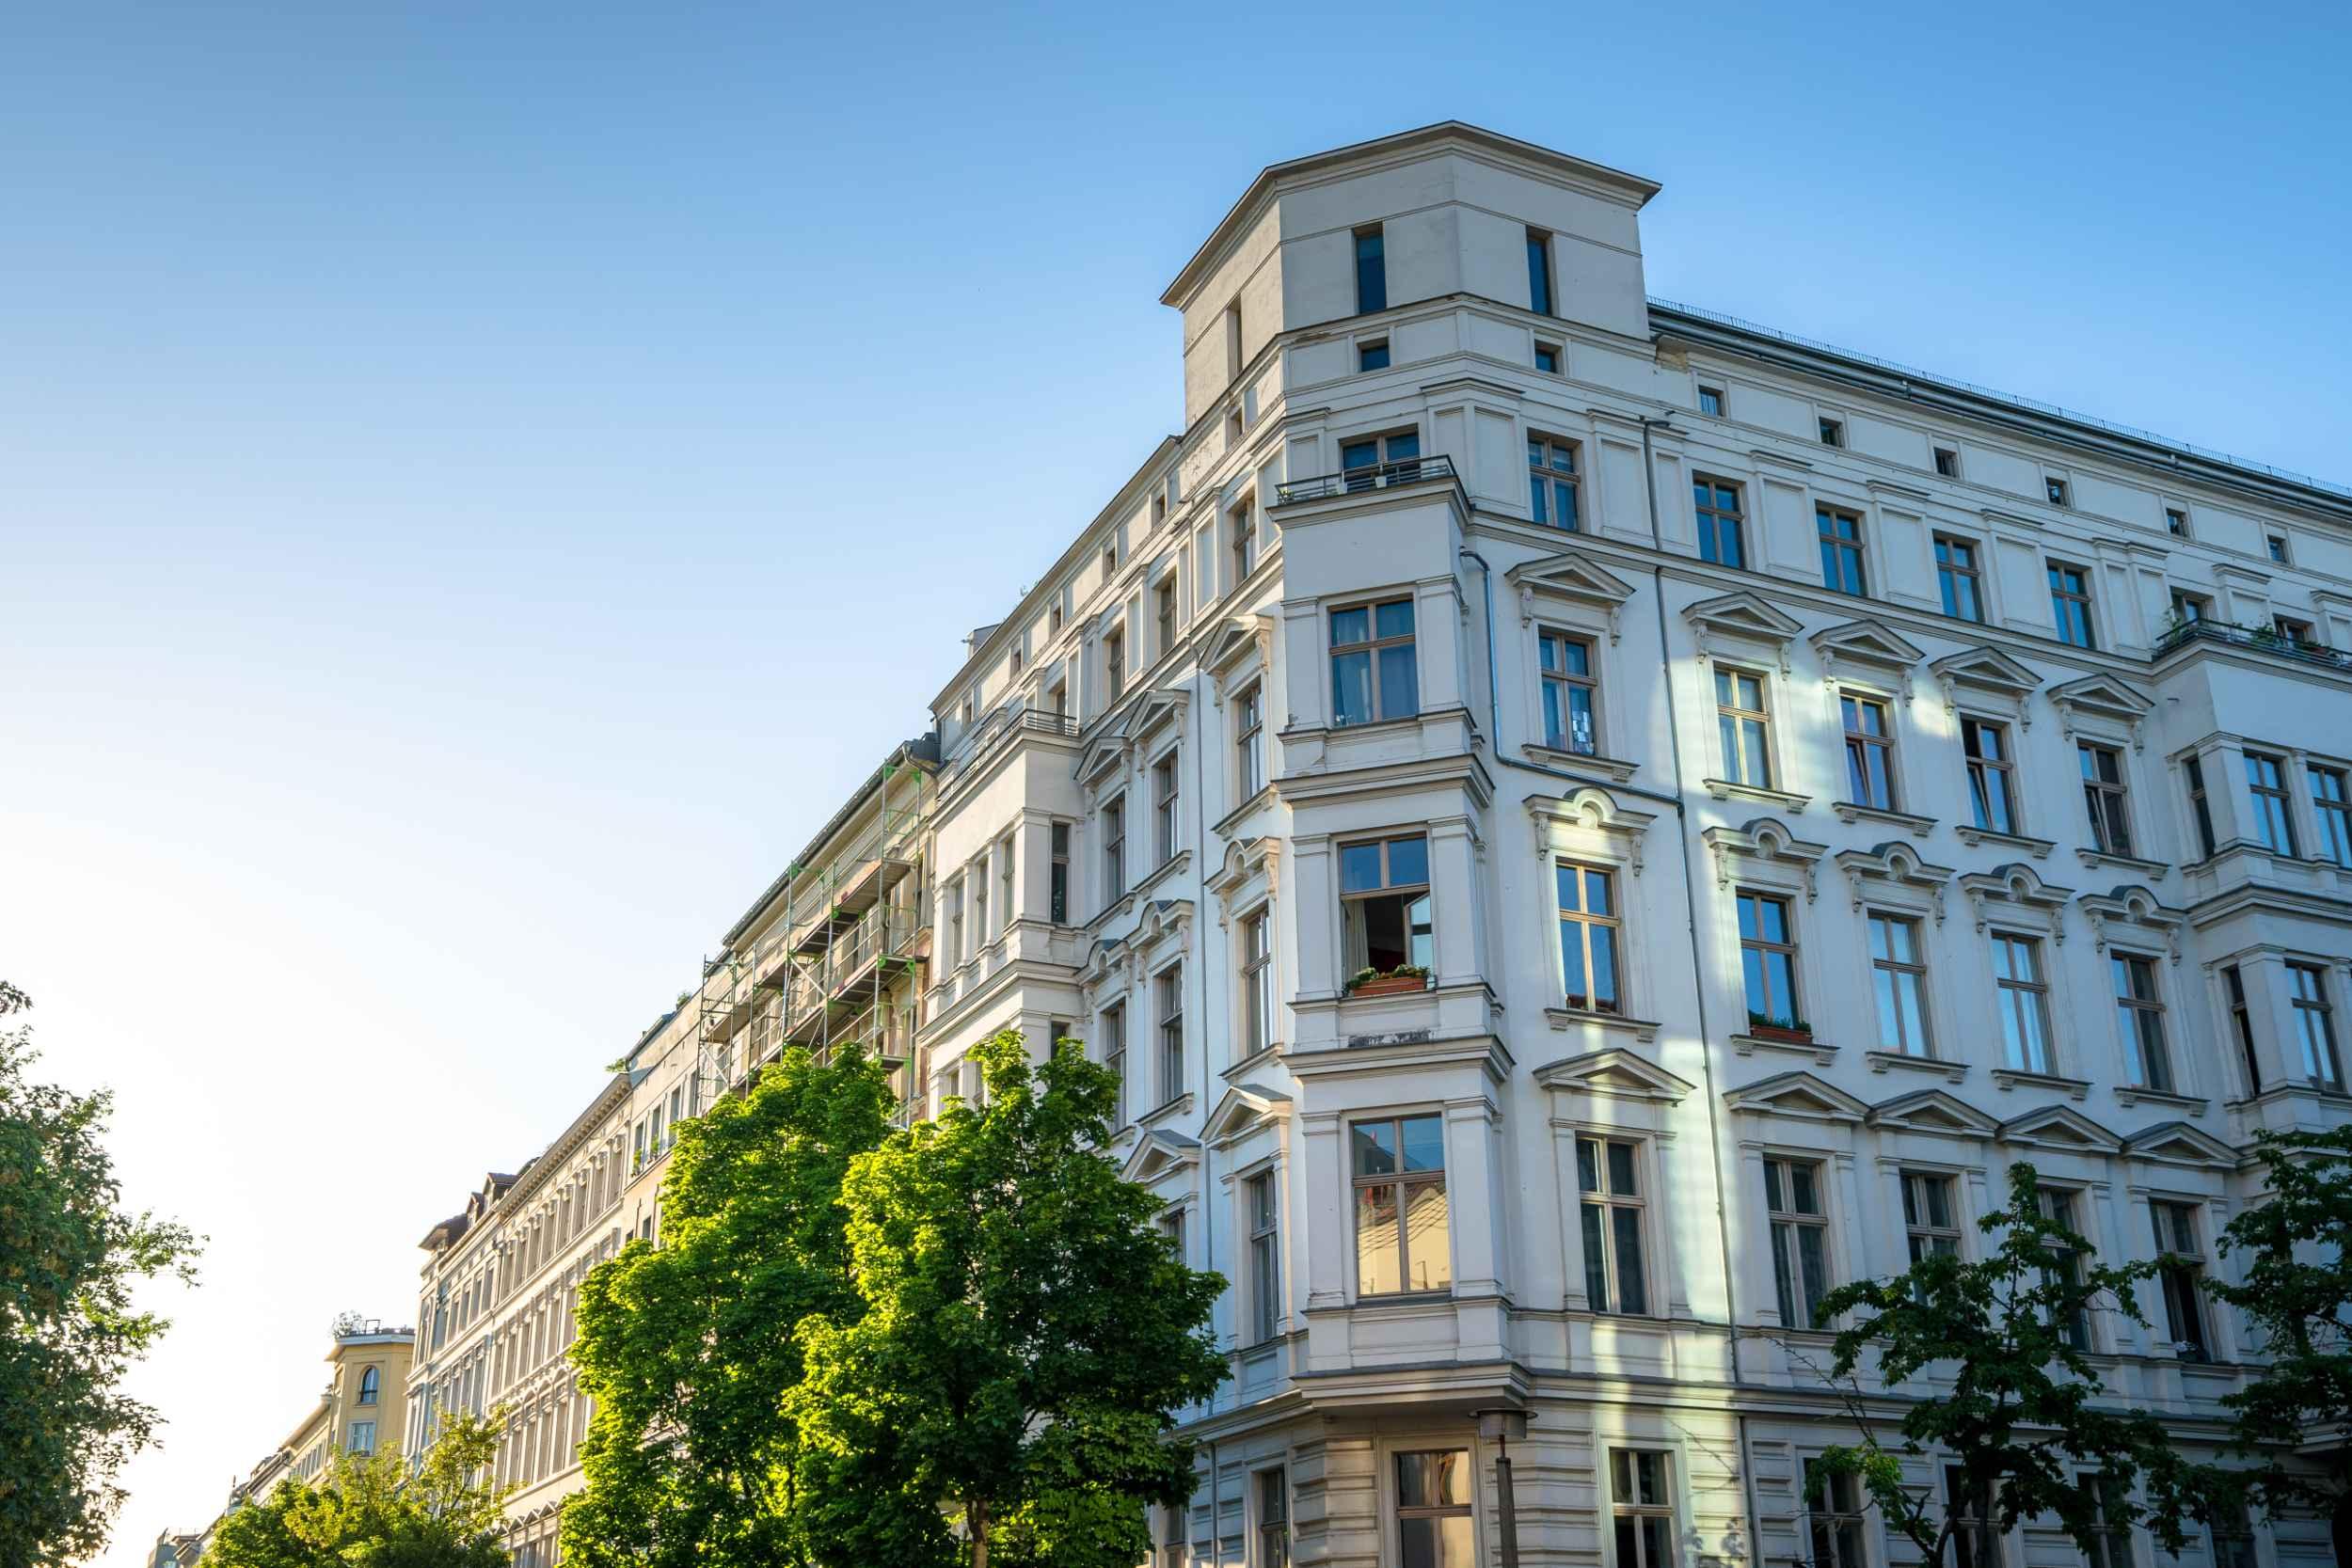 Restaurierte alte Immobilie